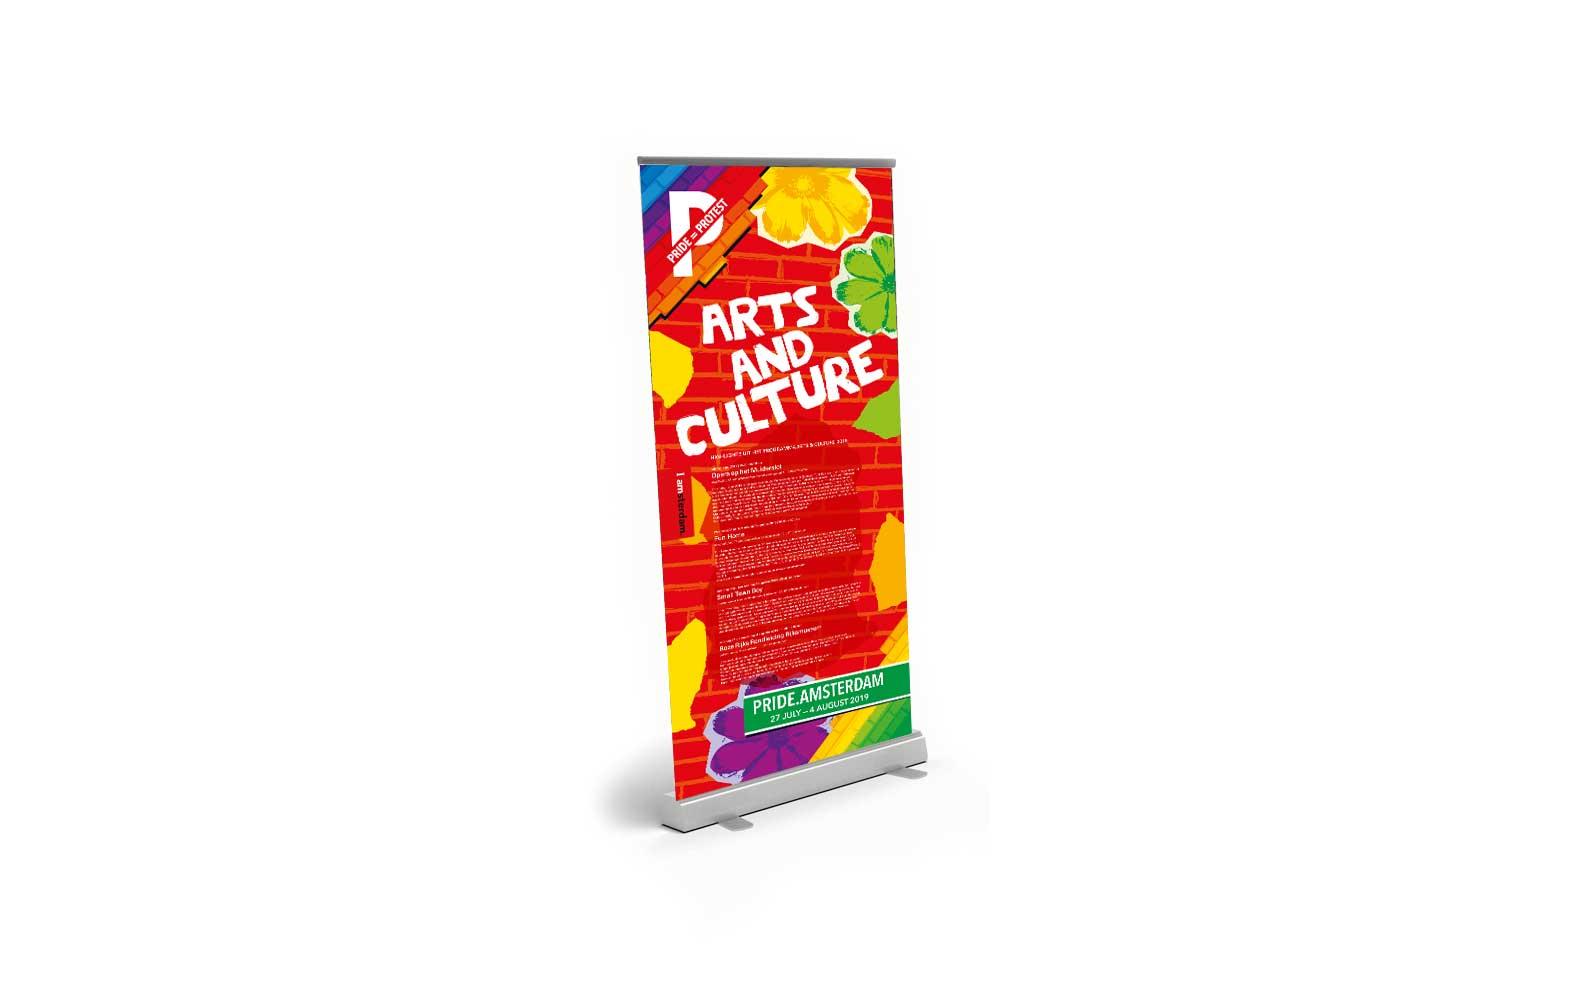 StudioErnst-Arts&CulturePride2019-banner